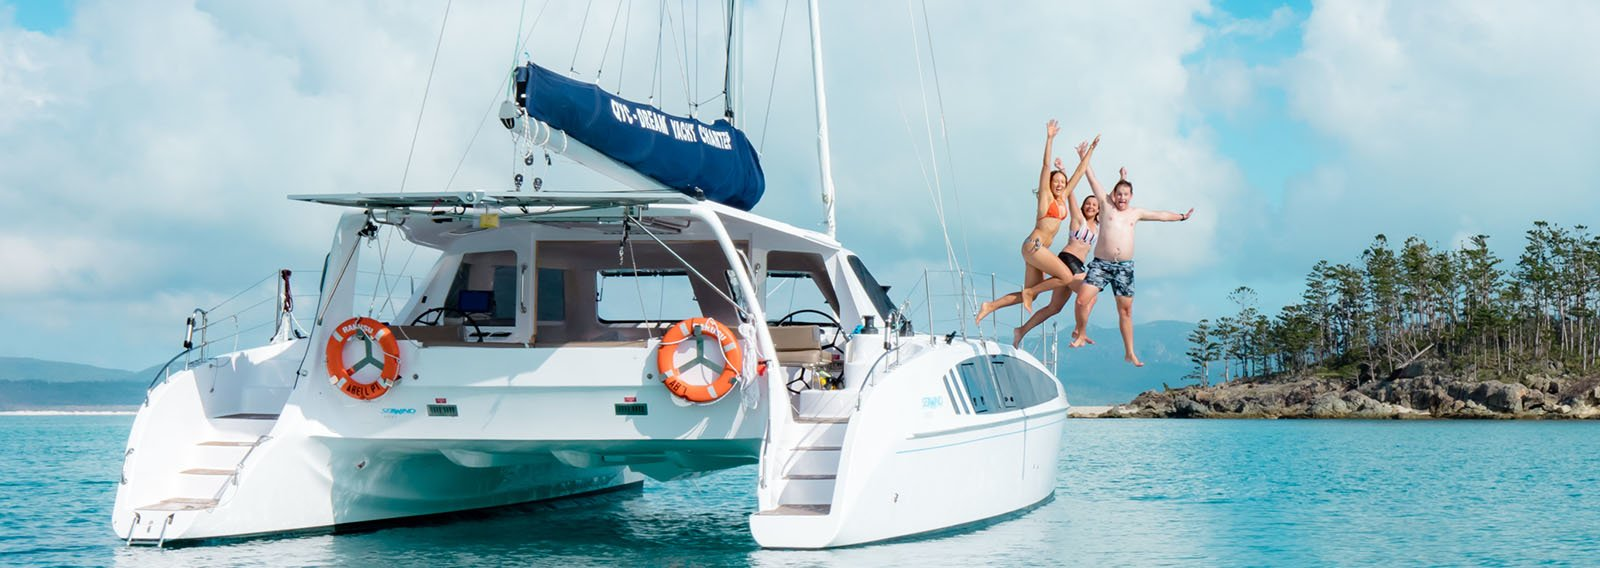 family enjoys sailing Seawind 1260